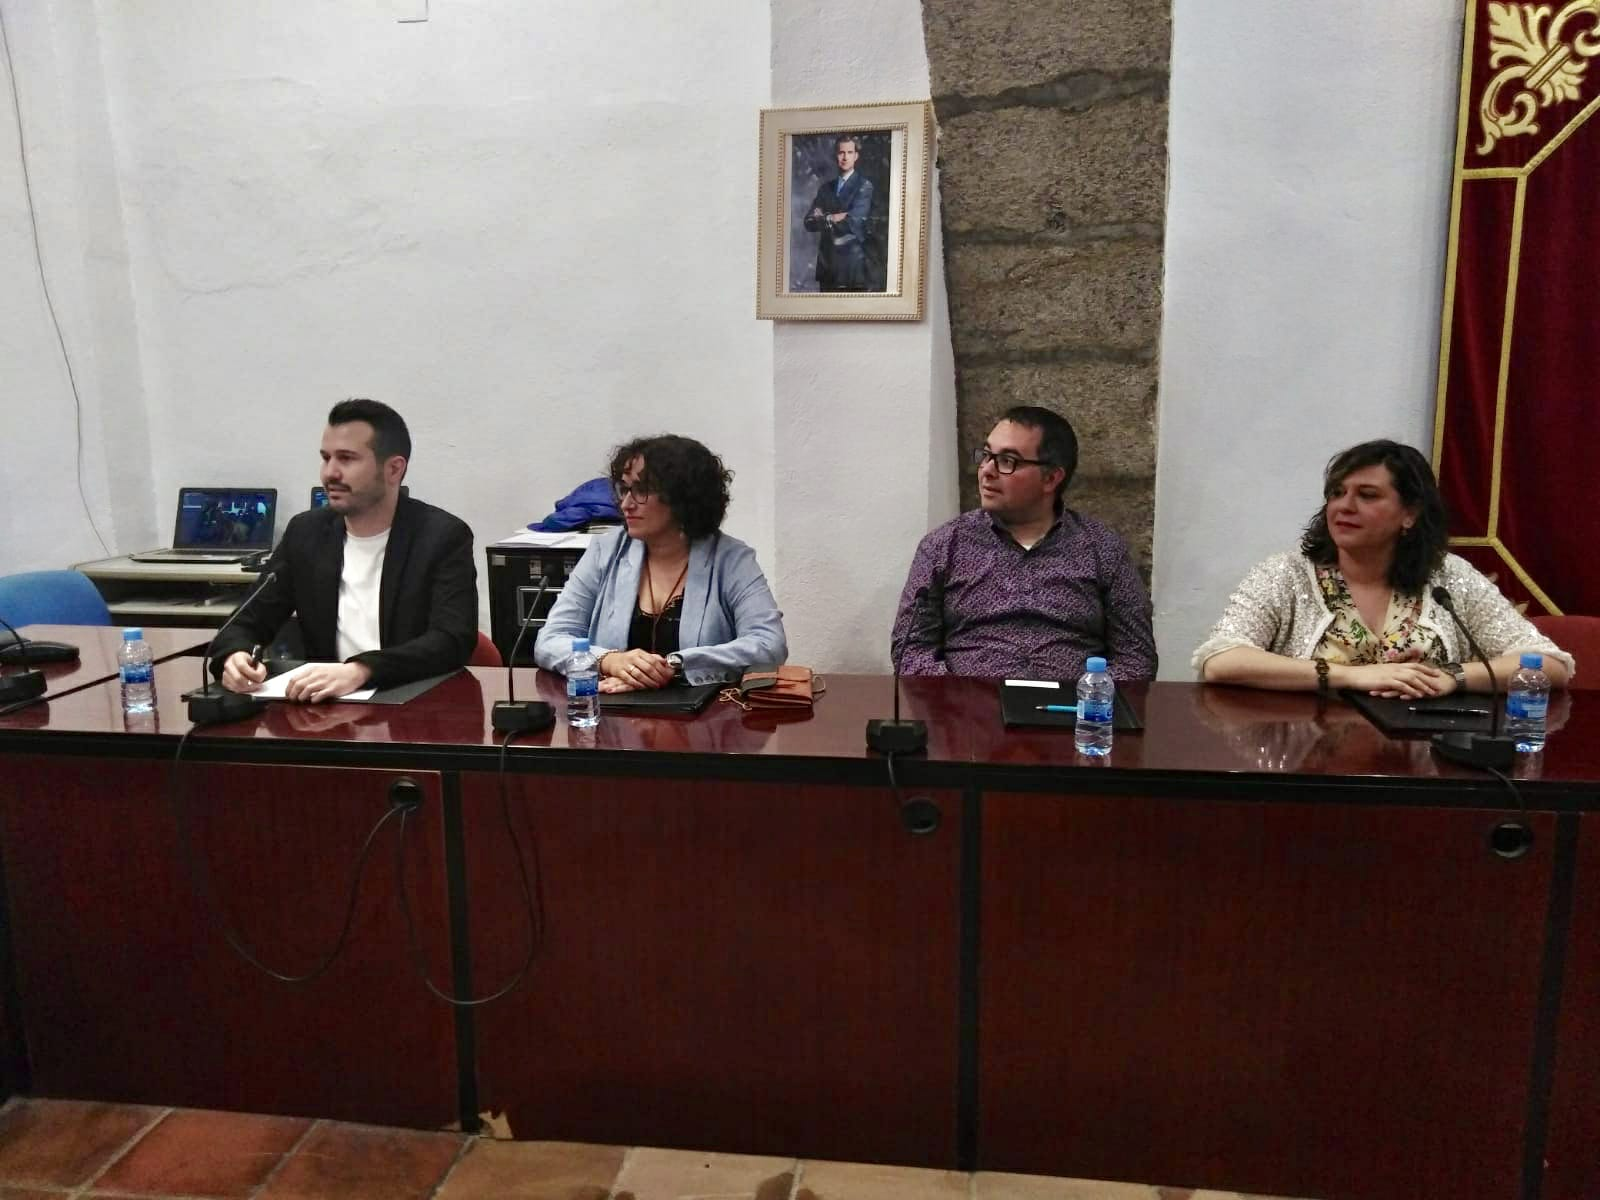 Alcalà, el PSPV presenta sis propostes per als propers pressupostos municipals